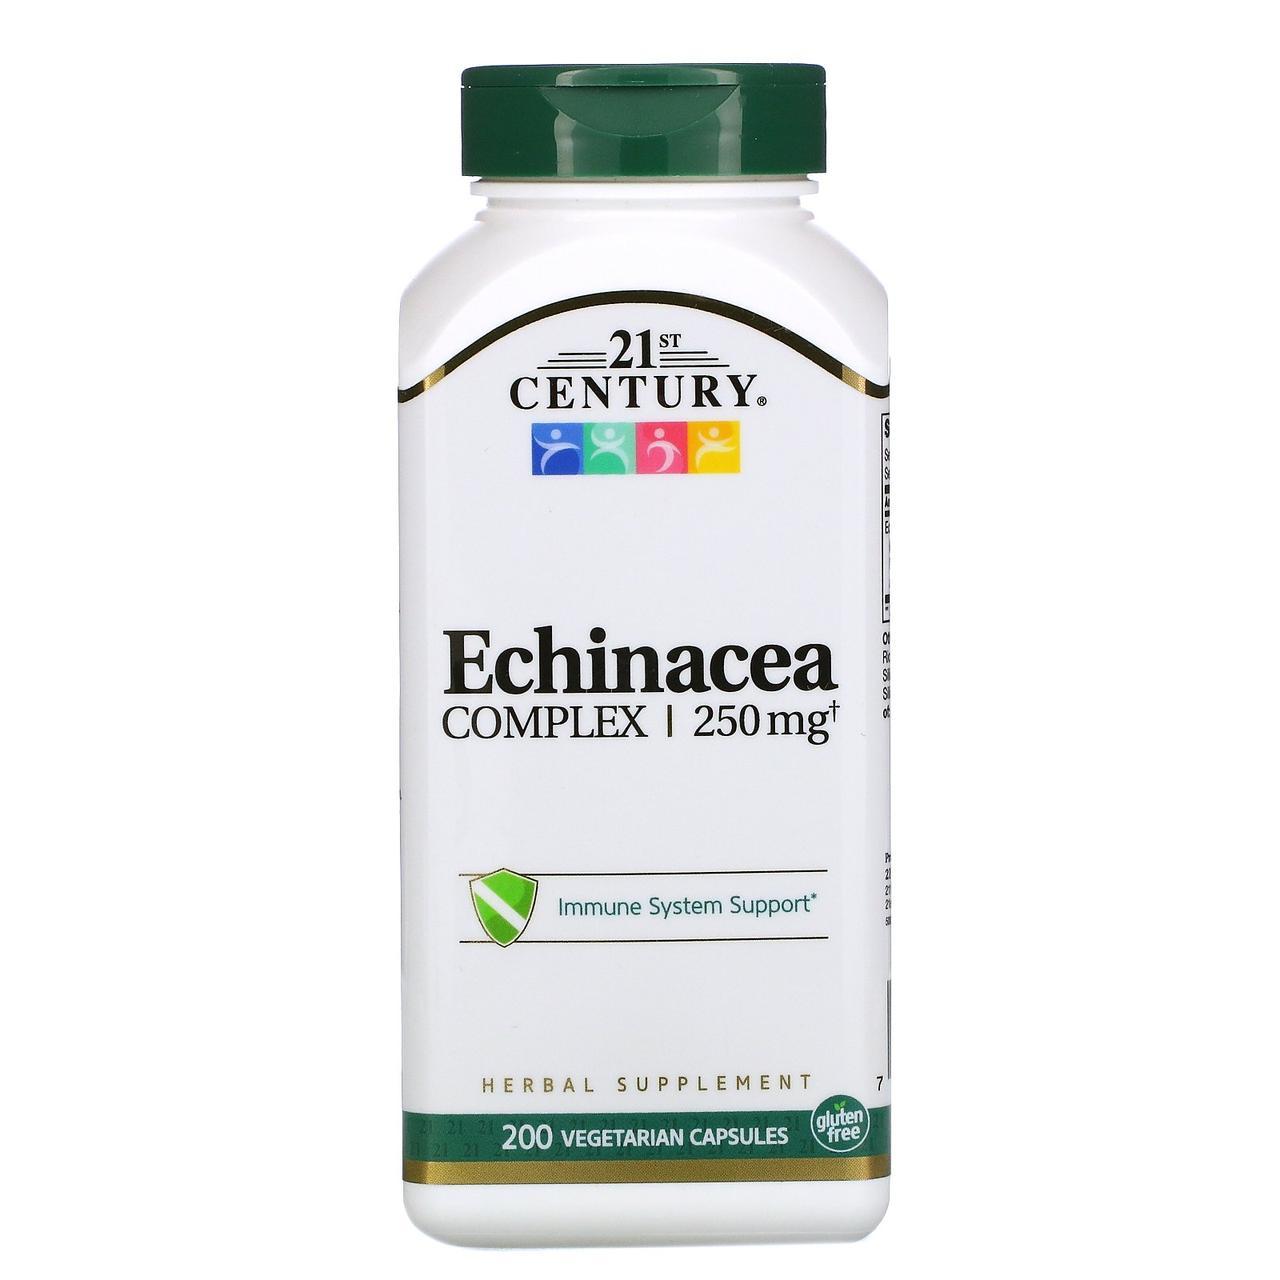 Екстракт ехінацеї, 21st Century Health Care, 200 капсул